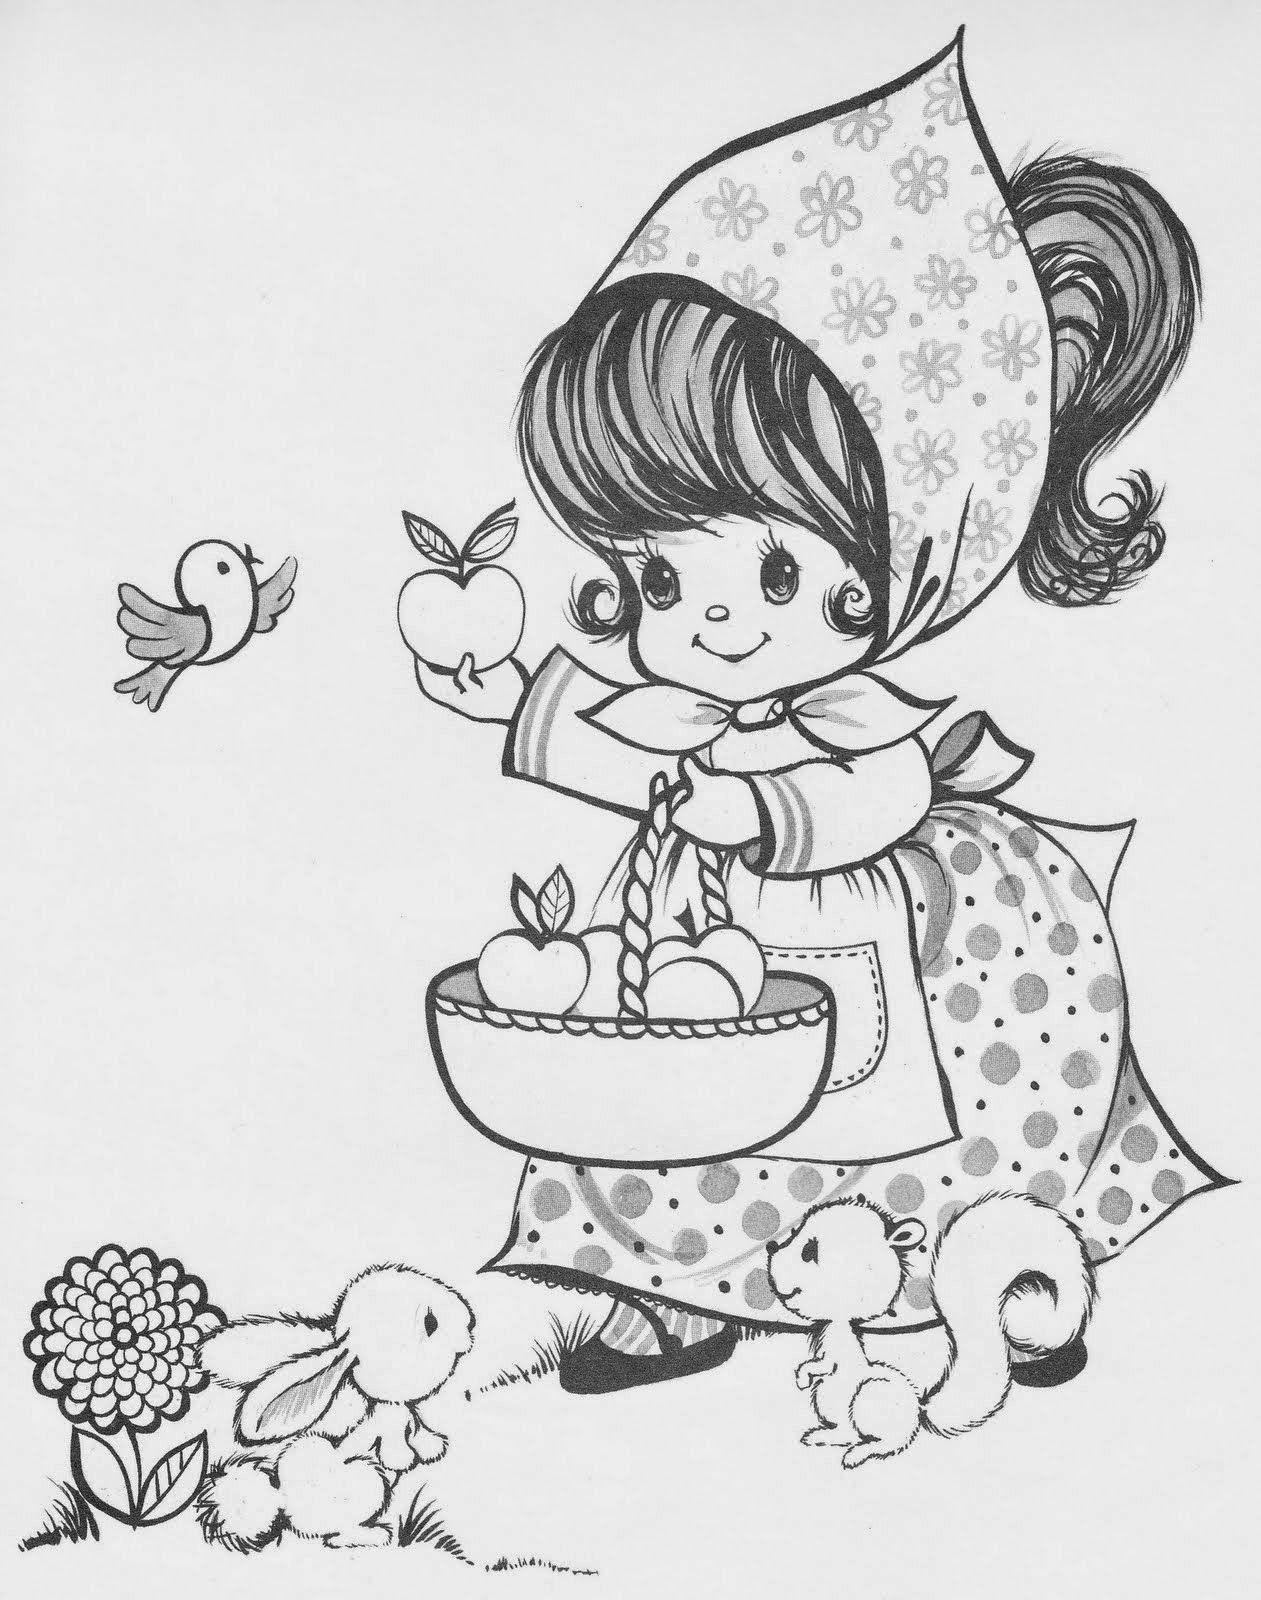 50 desenhos de crianças para colorir, pintar, preparar atividades ...